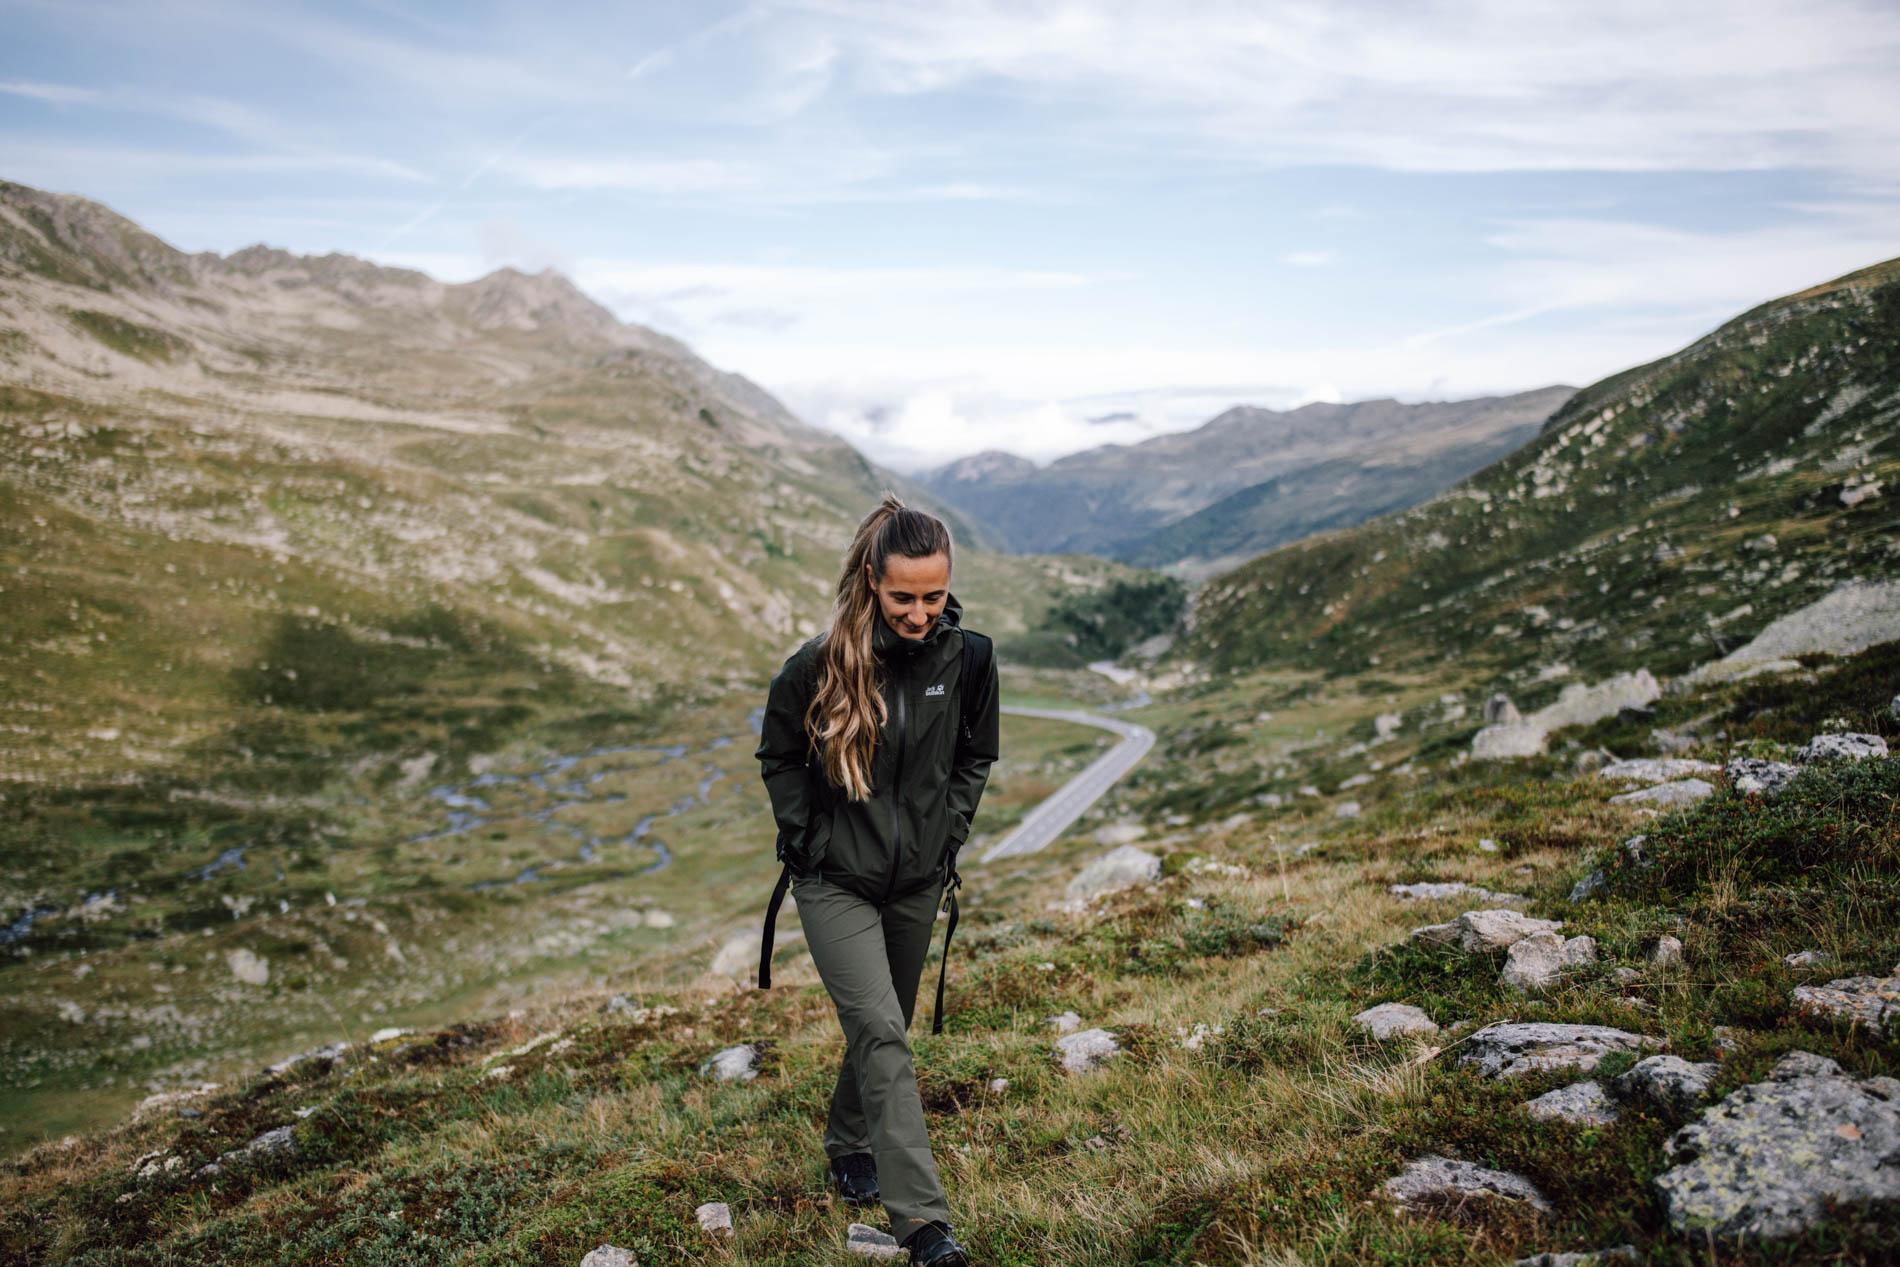 Anna Heupel - FOTOGRAFIN & DIGITAL CREATOR aus Siegen